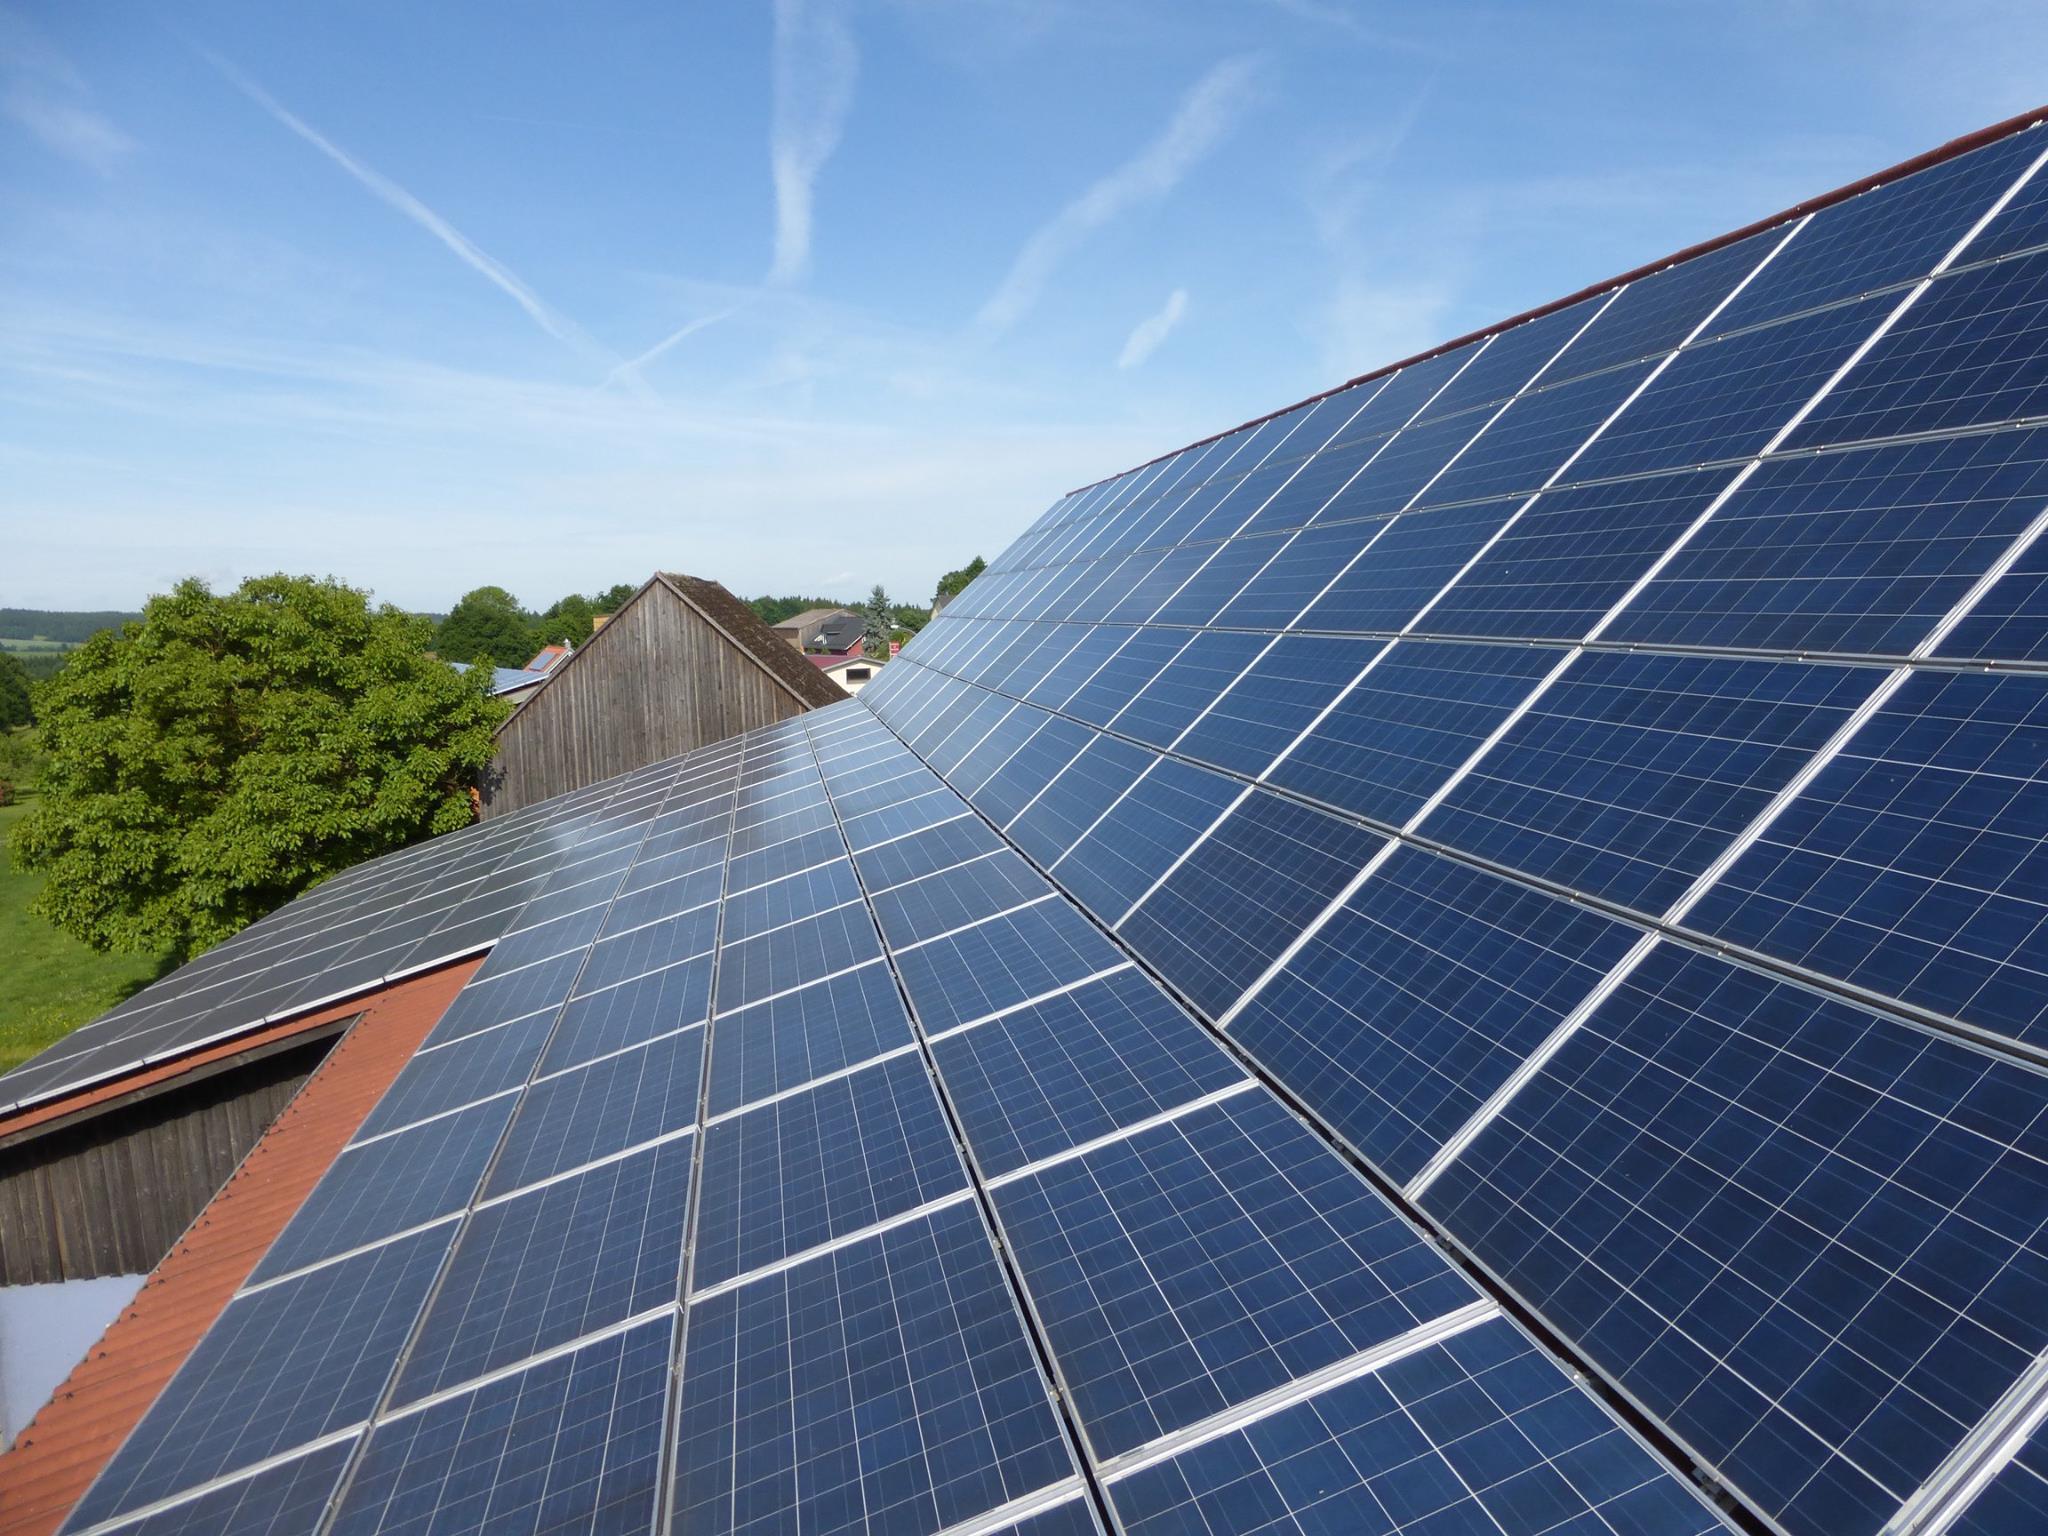 Komplettreinigung einer Solaranlage